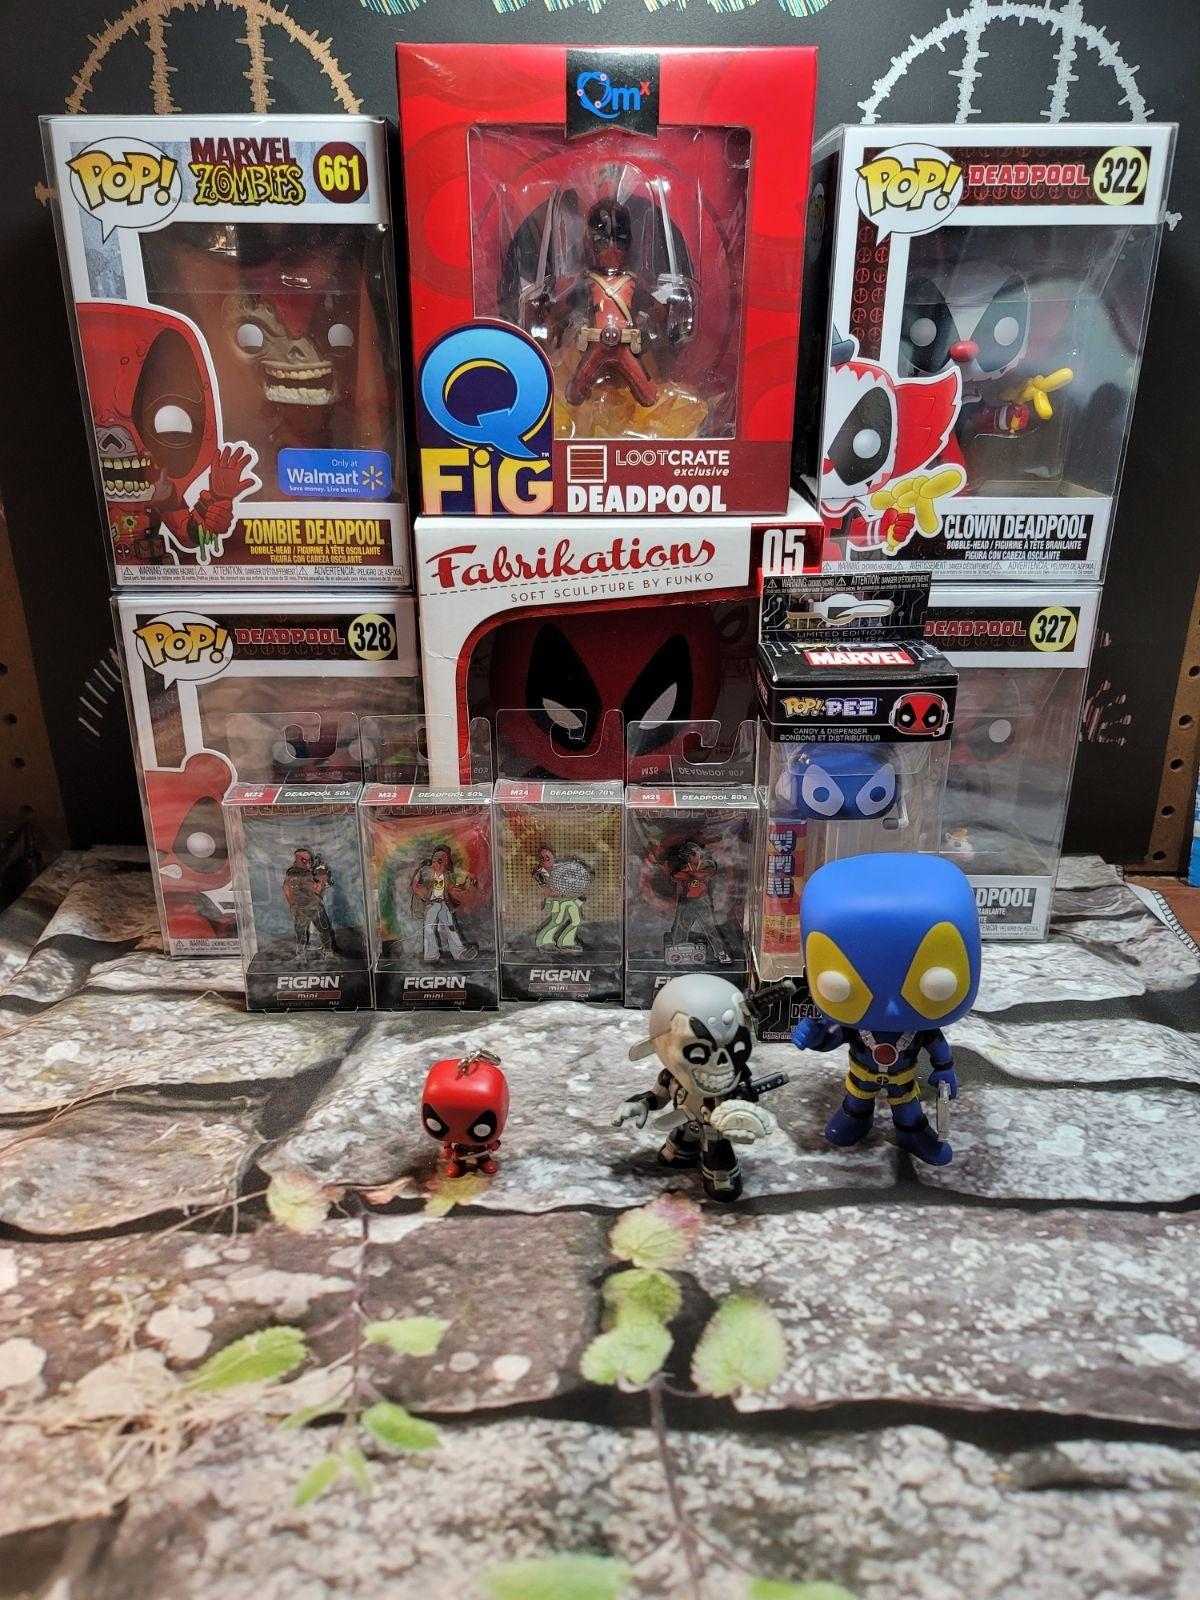 Deadpool Funko Pop Lot w/ EXTRAS